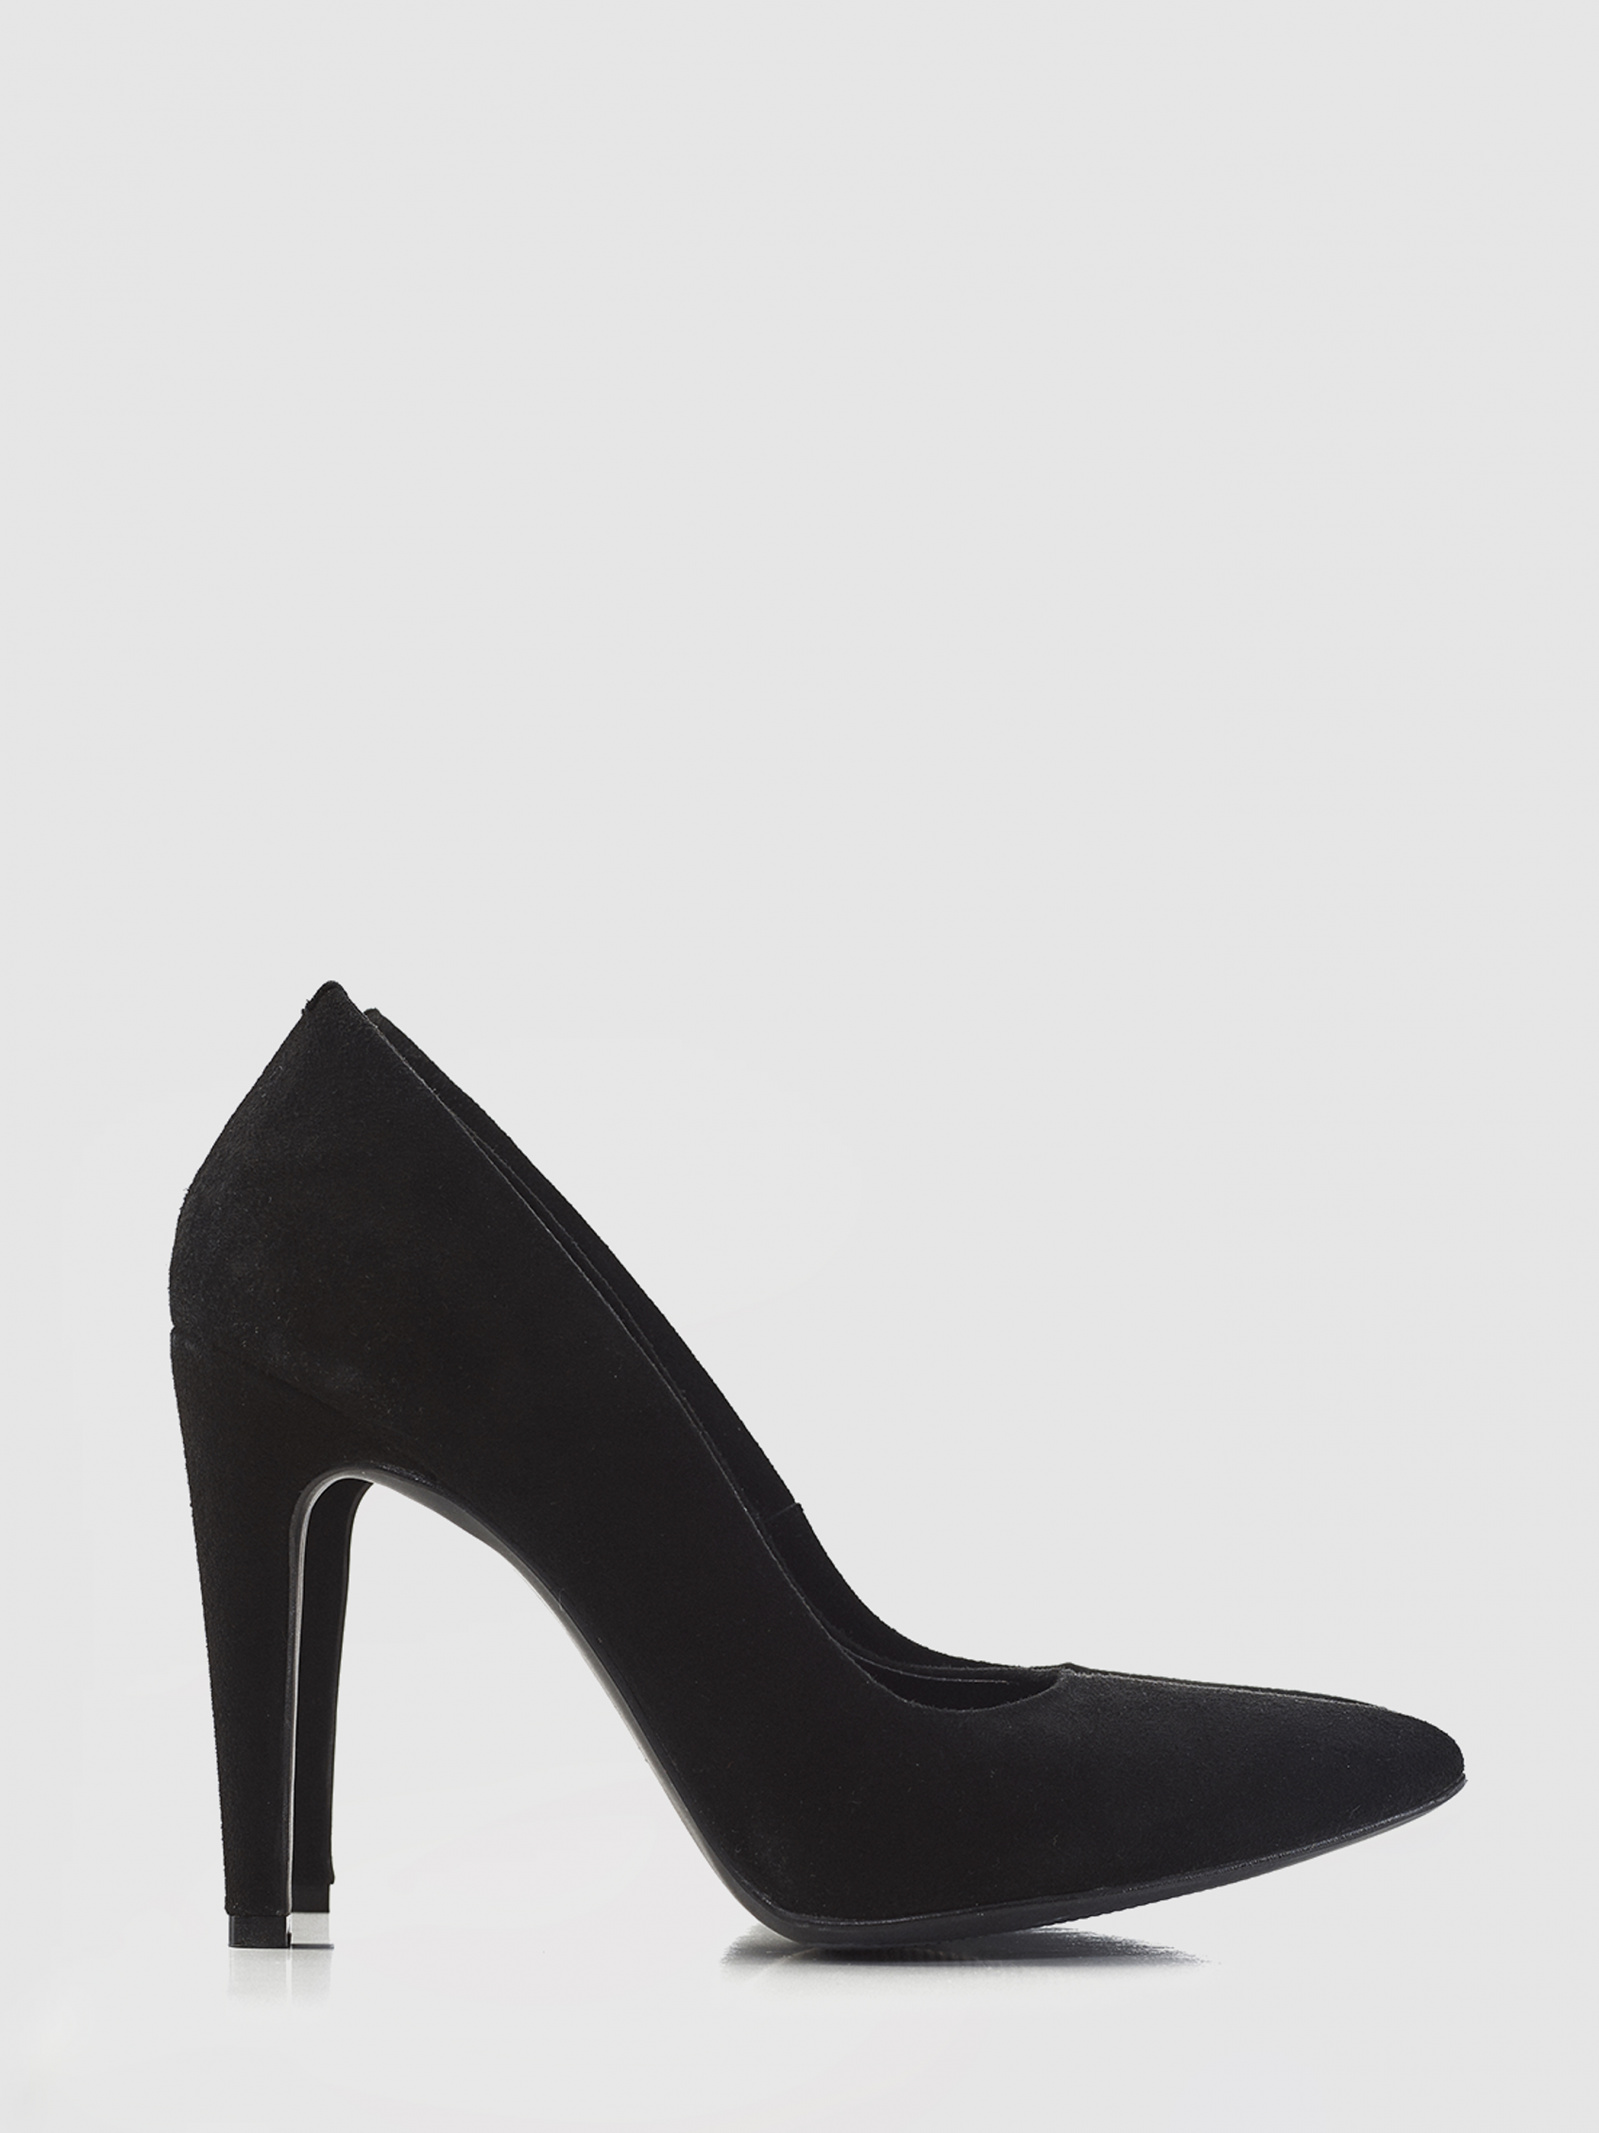 Туфли для женщин Natali Bolgar TU002VE1 , 2017